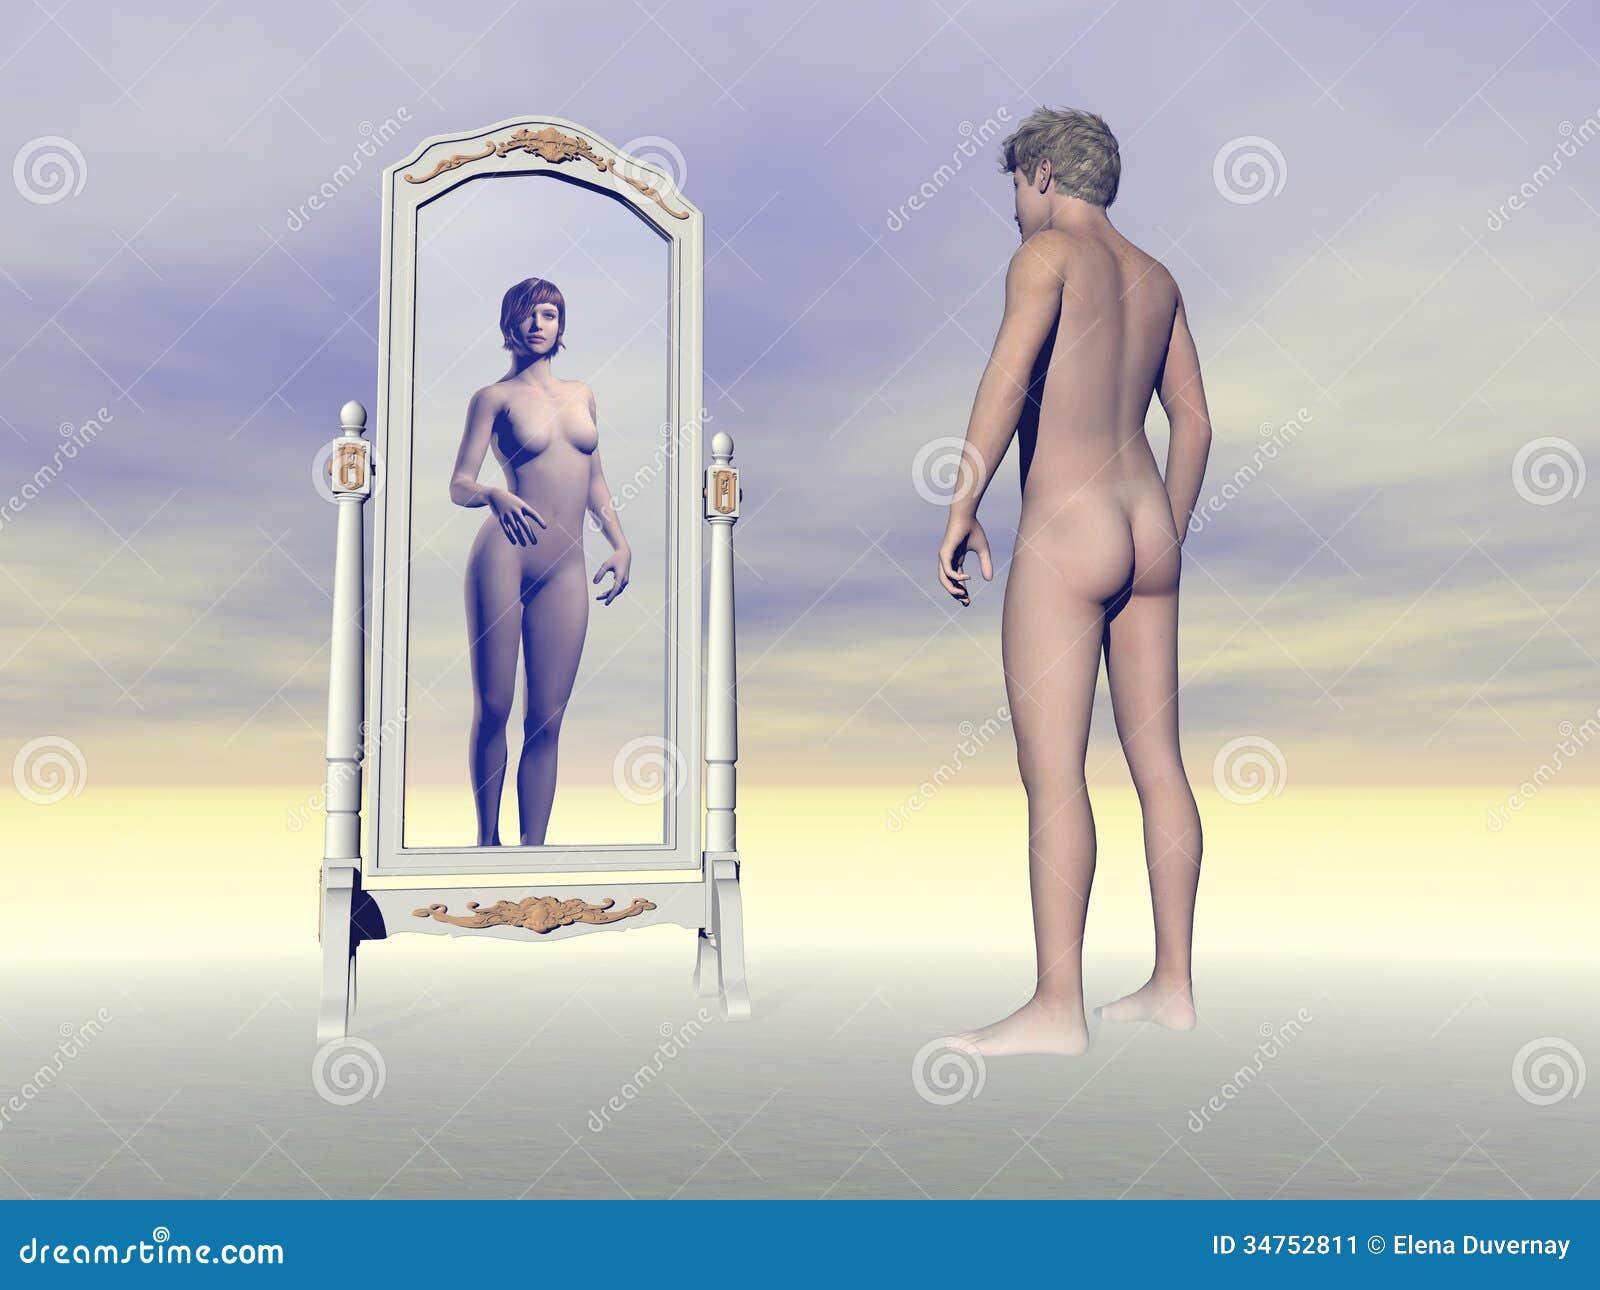 how do you make sex better